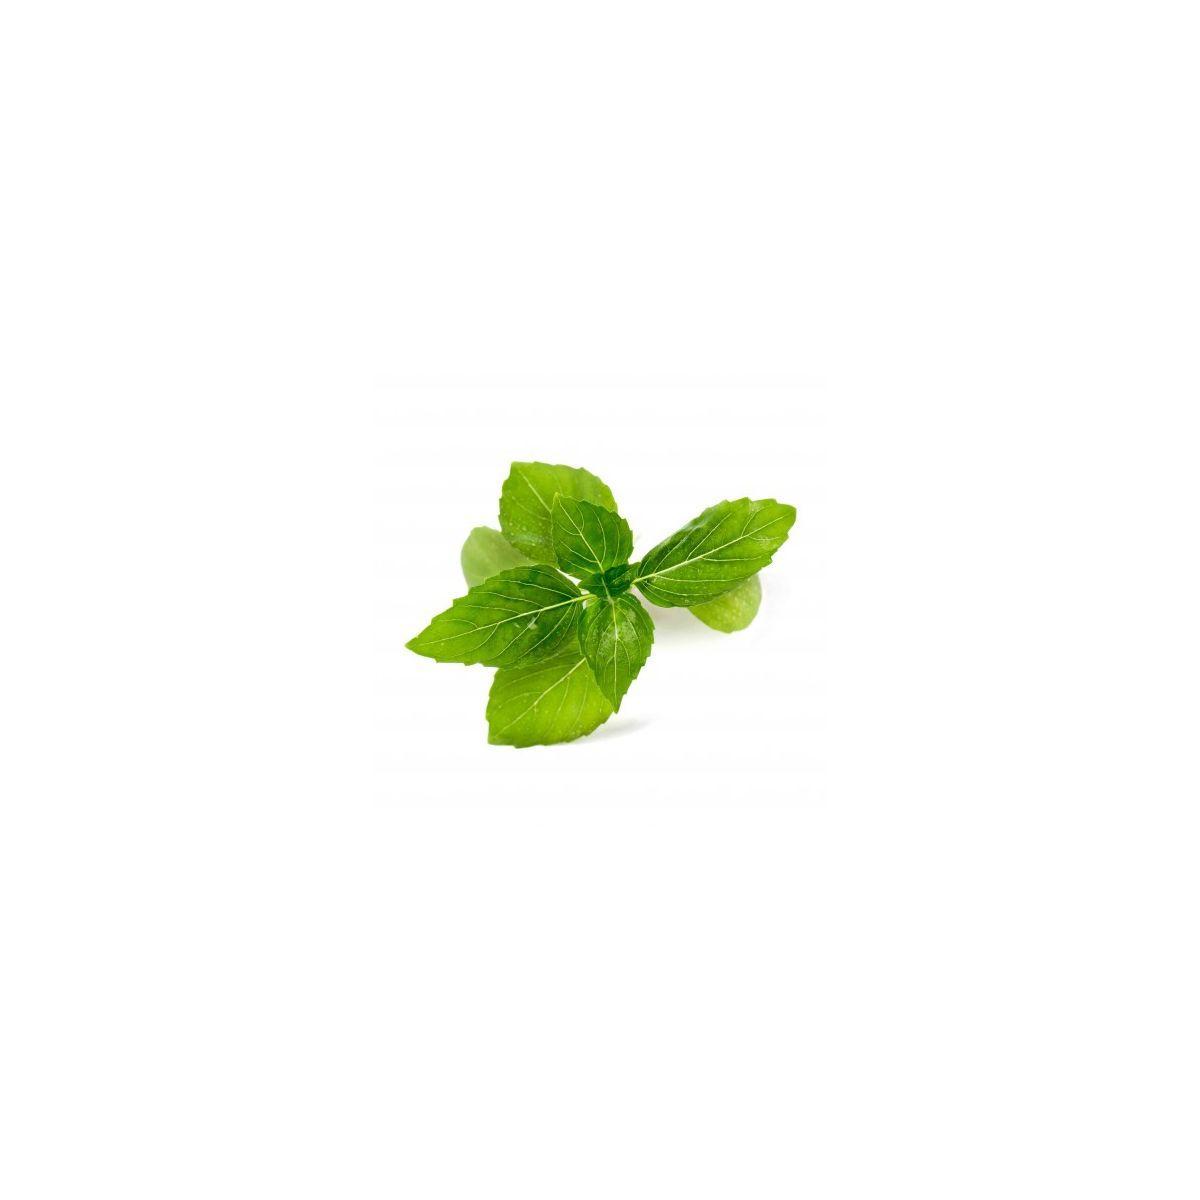 Recharge jardin int�rieur veritable basilic cannelle bio - 10% de remise imm�diate avec le code : deal10 (photo)